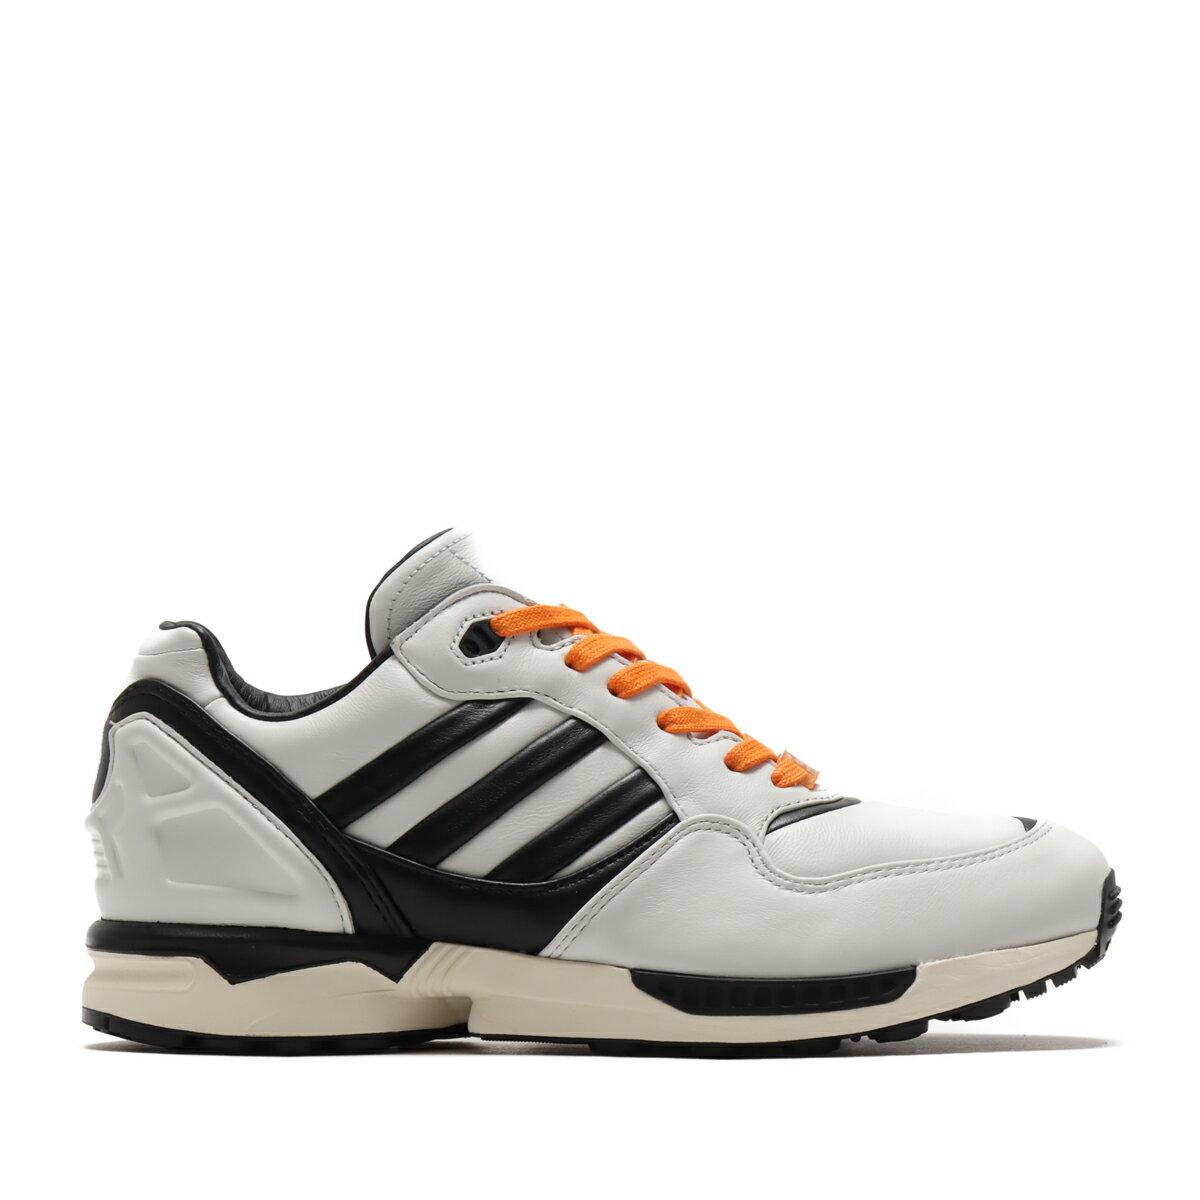 メンズ靴, スニーカー adidas ZX 6000 AZX(CRYSTAL WHITECORE BLACKBAHIA ORANGE)( ZX 6000 AZX)20FW-S